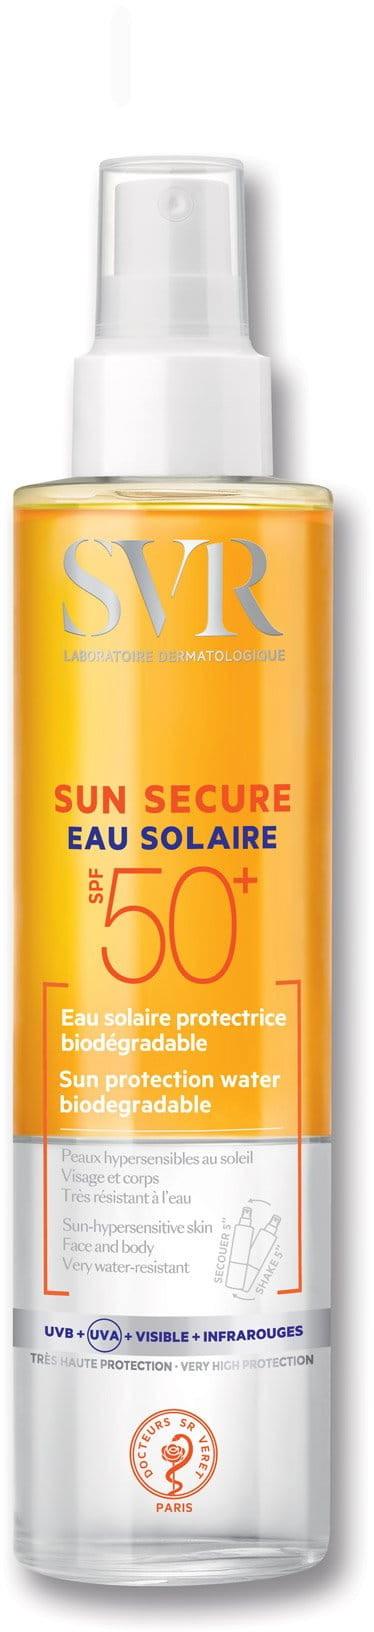 SVR SUN SECURE przeciwsłoneczny olejek w sprayu SPF 50+ (200ml) 6231_20200508111122